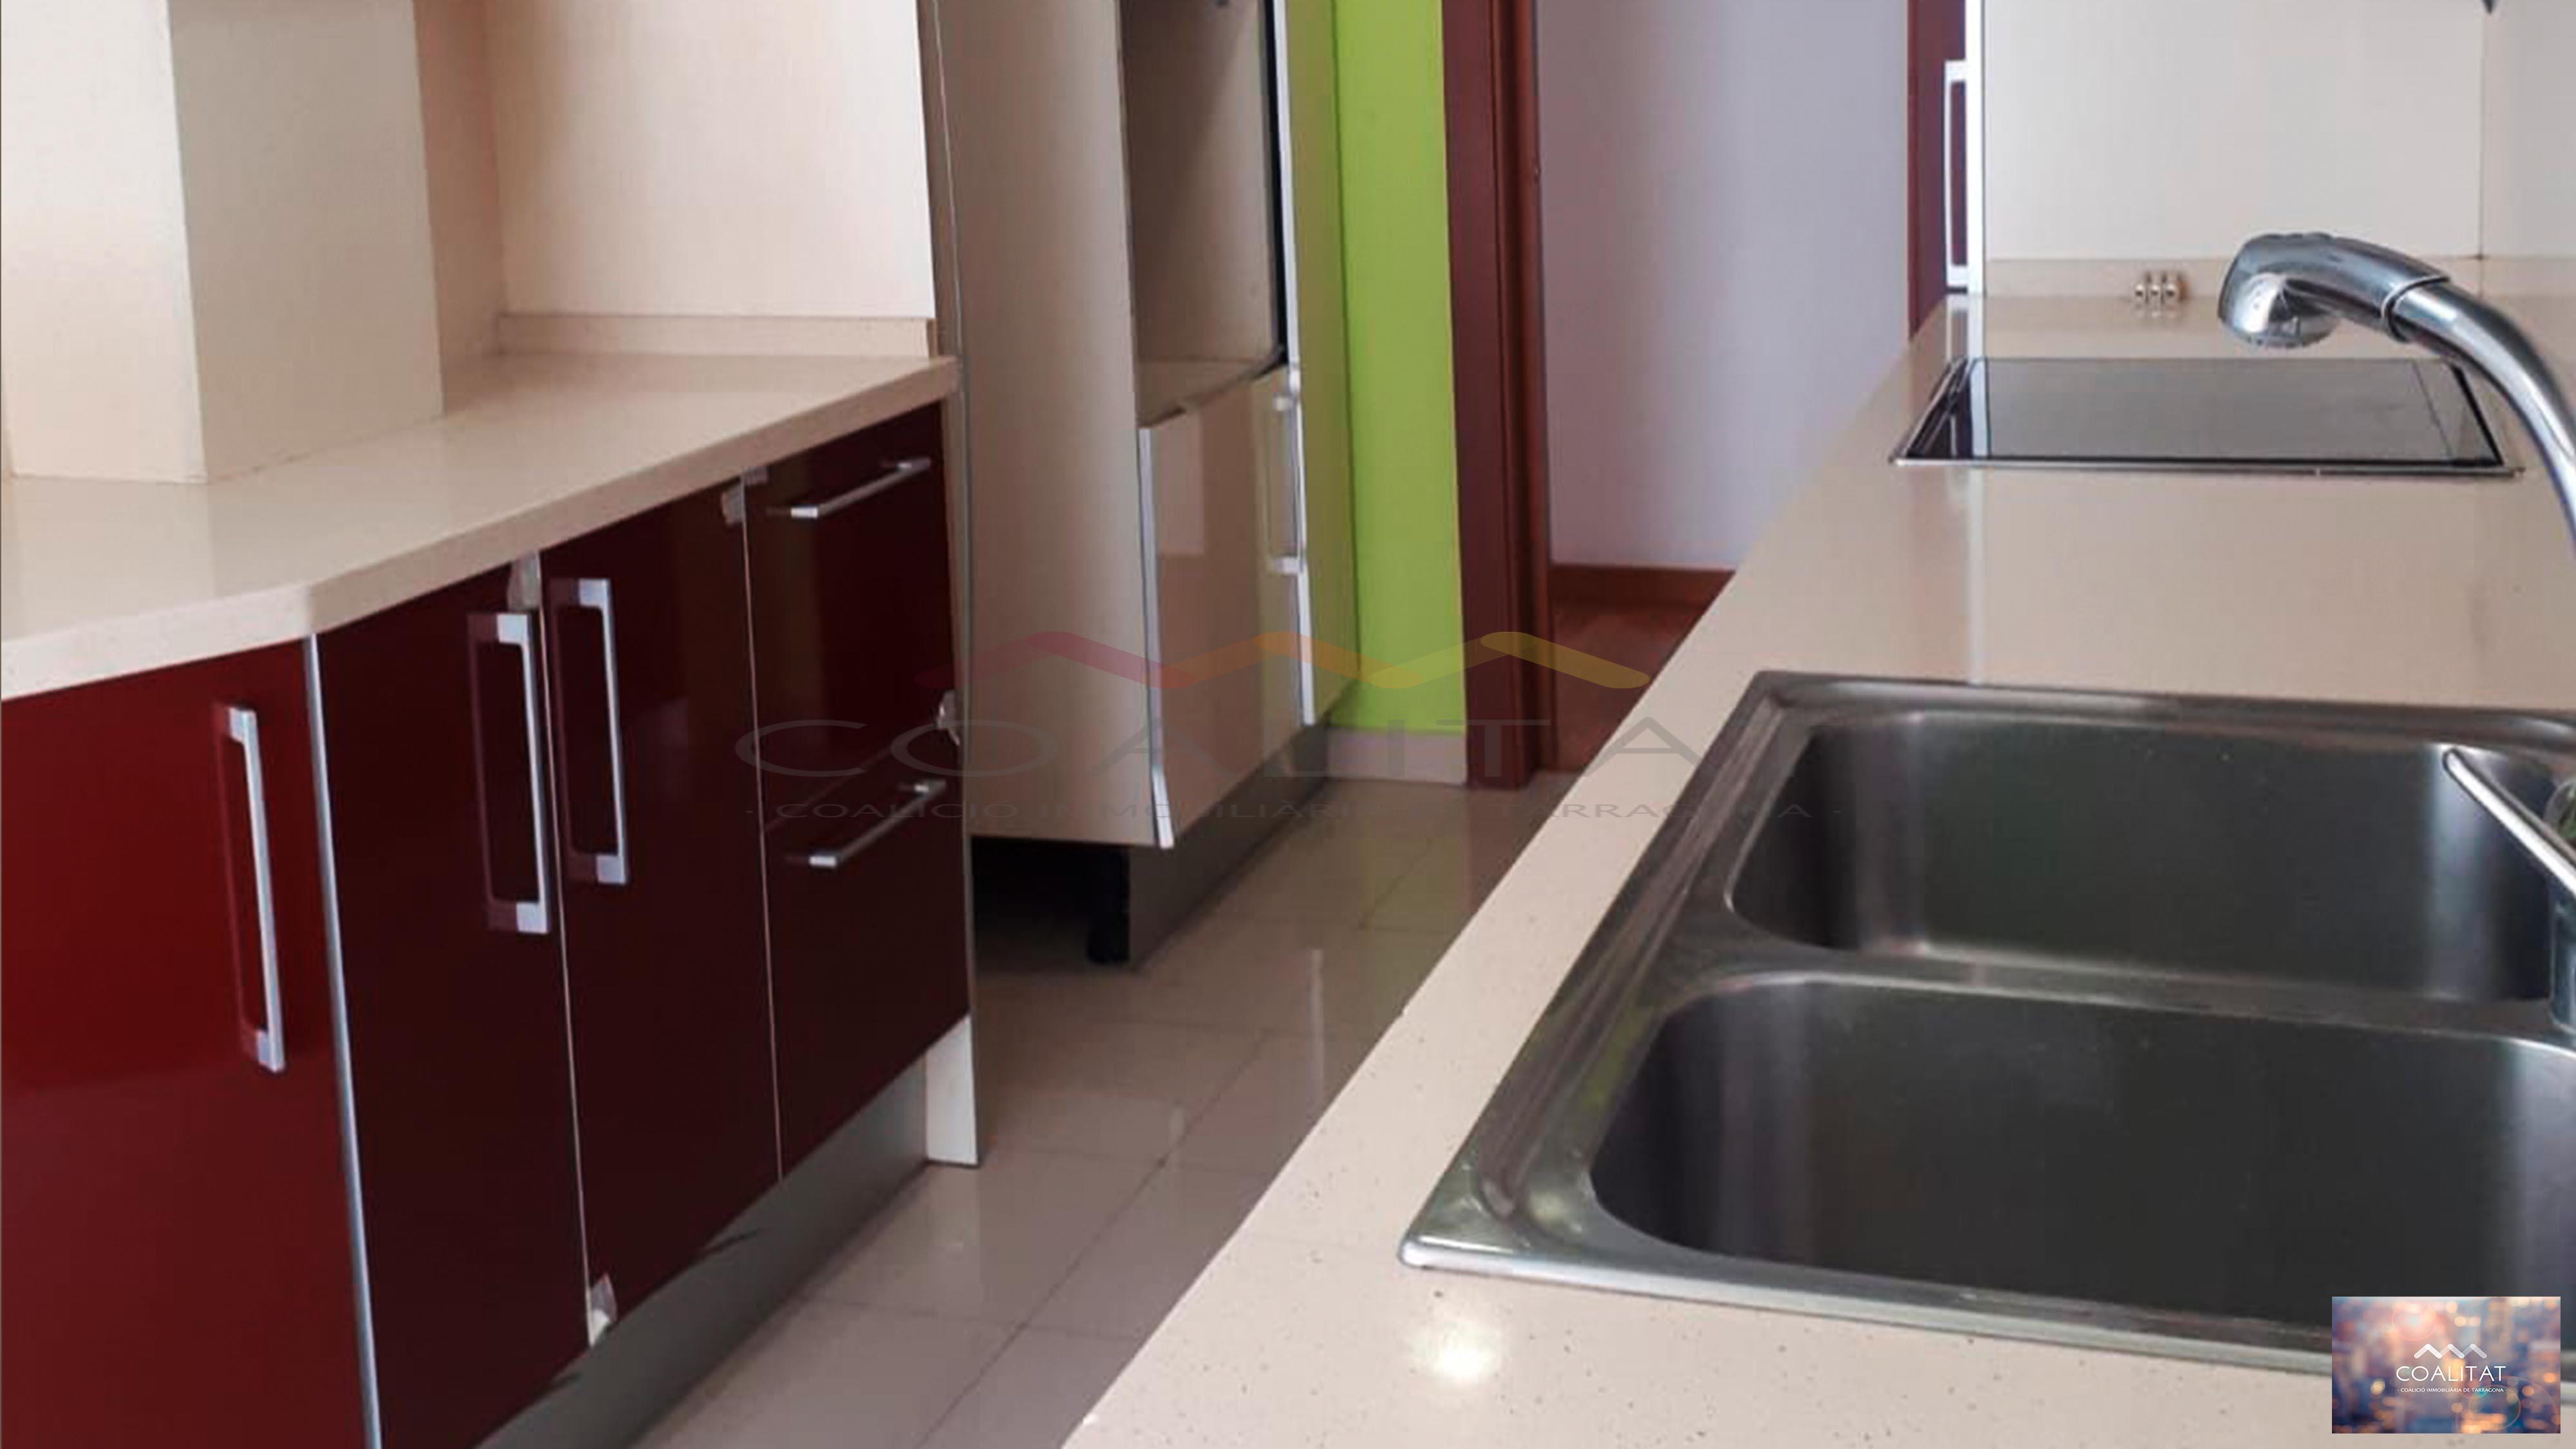 Piso de 5 habitaciones con parking en Josep Floresvi Garreta